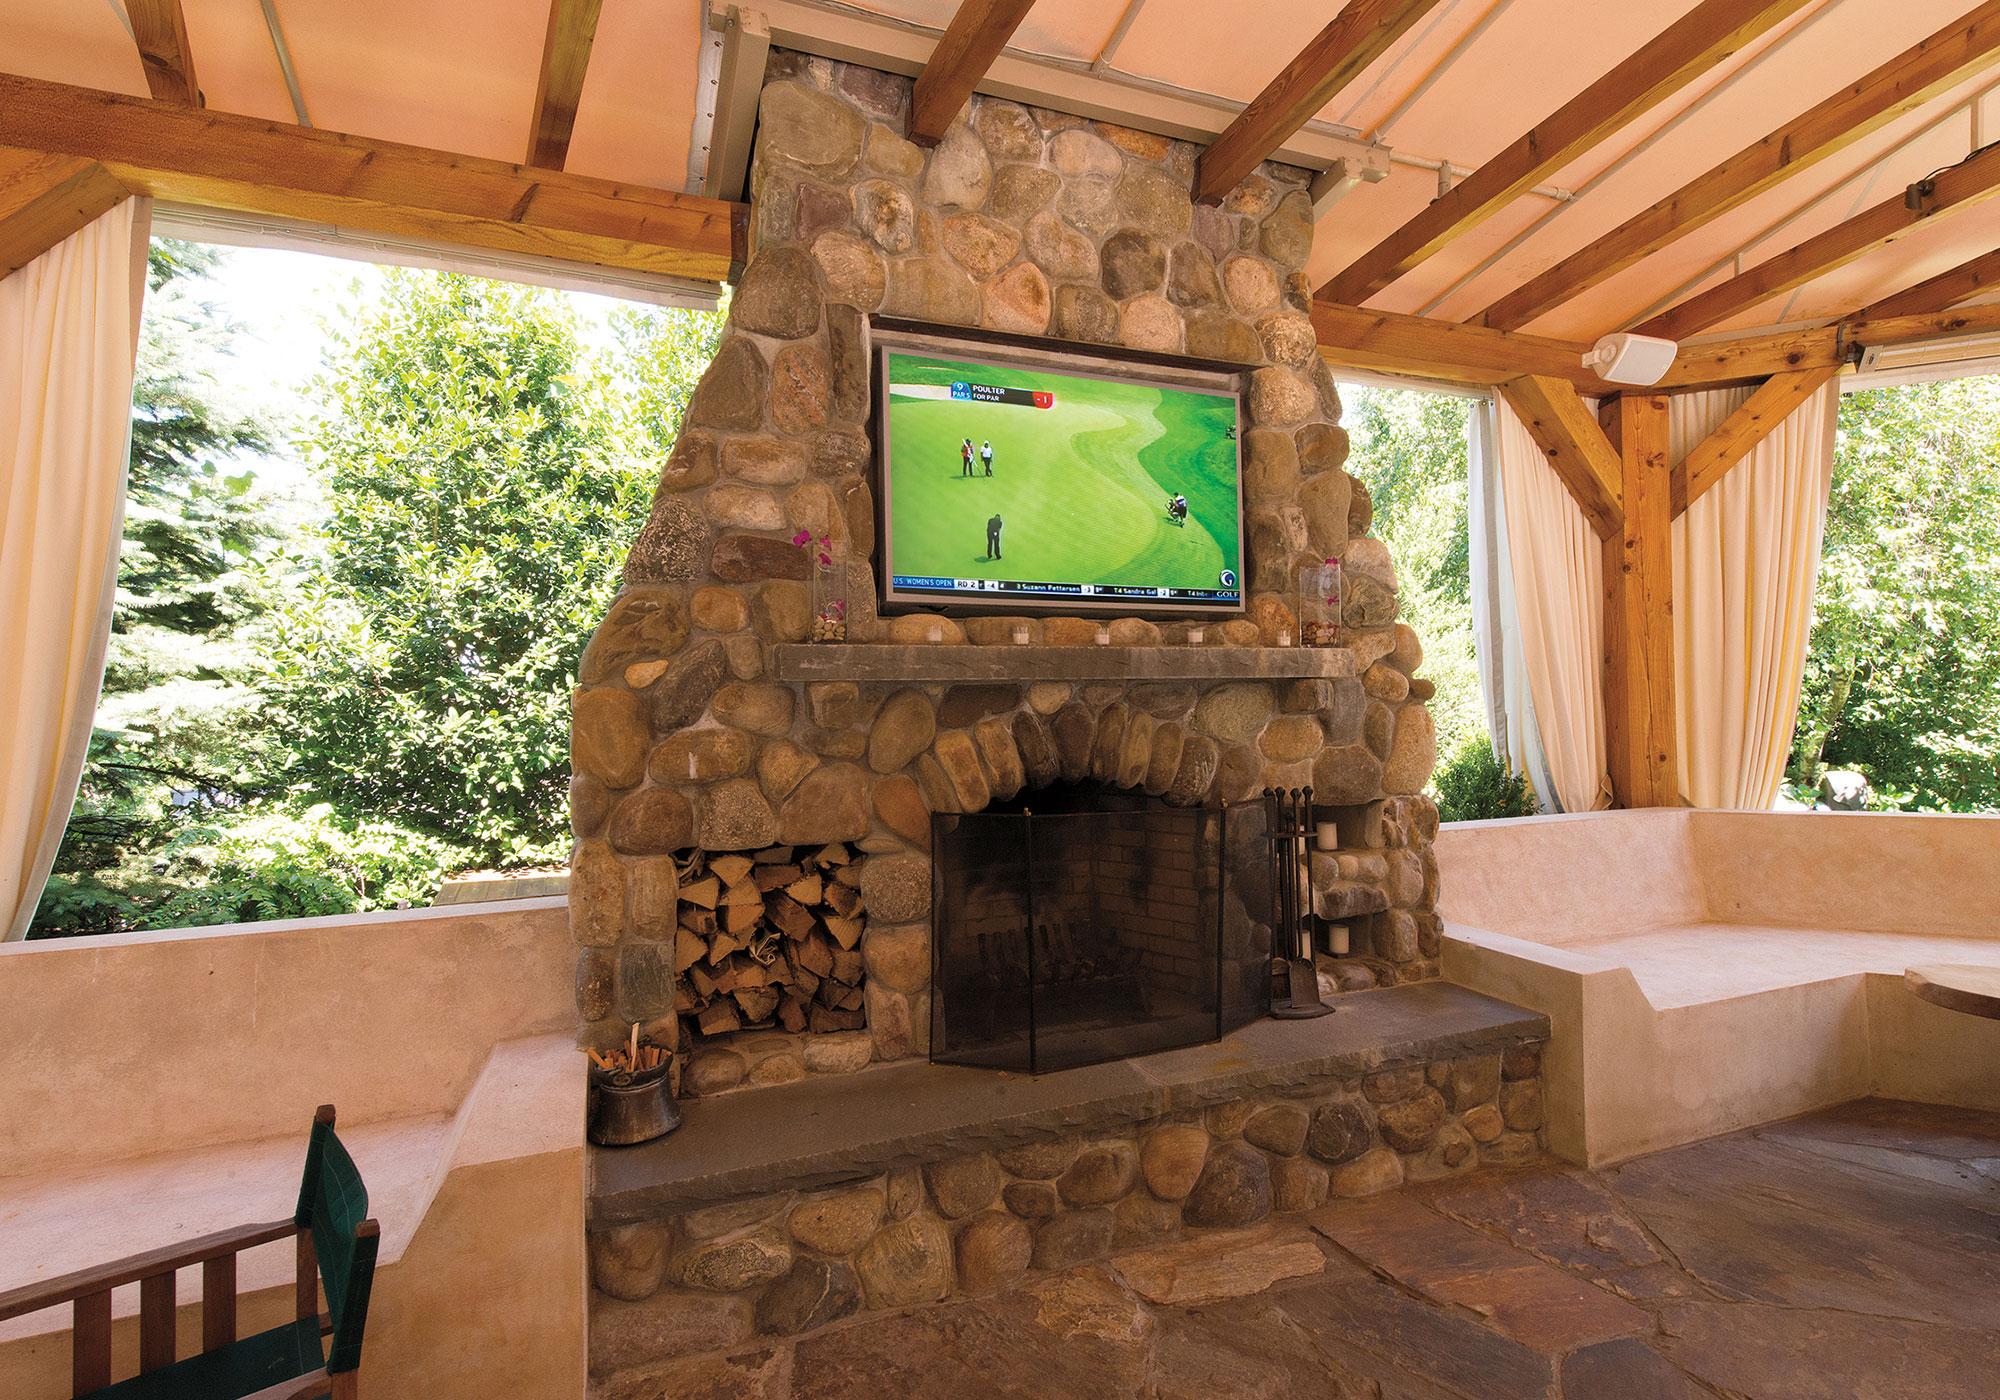 patio, TV, waterproof tv, speakers, waterproof speakers